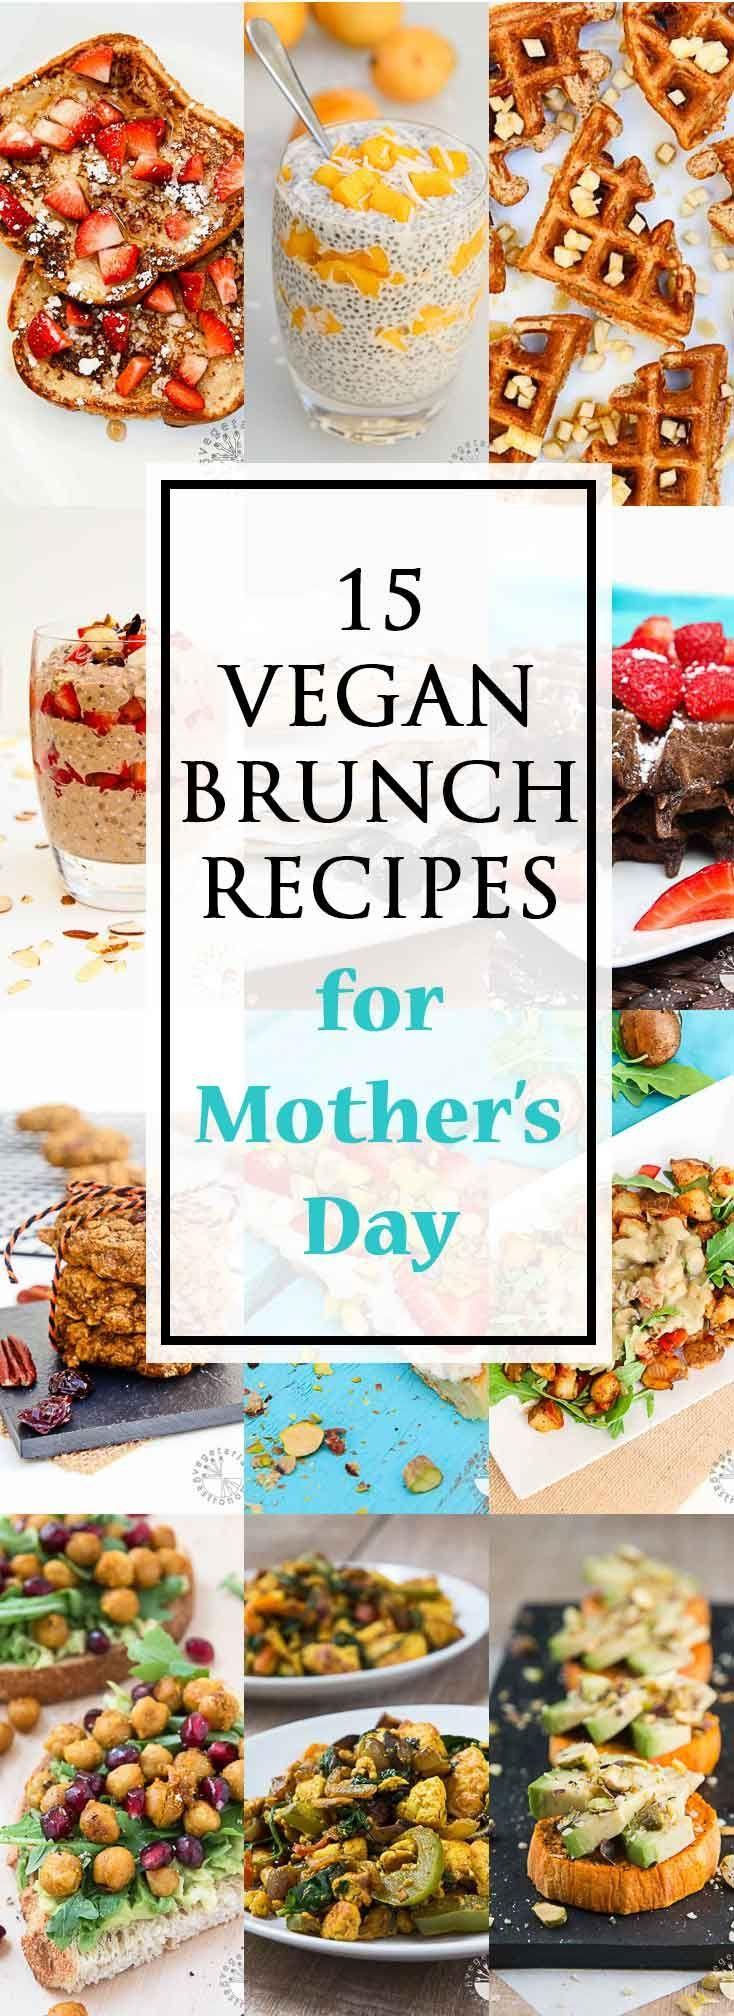 Vegan Brunch Recipes for Mother's Day #vegan #glutenfree   Vegetarian Gastronomy   www.VegetarianGastronomy.com